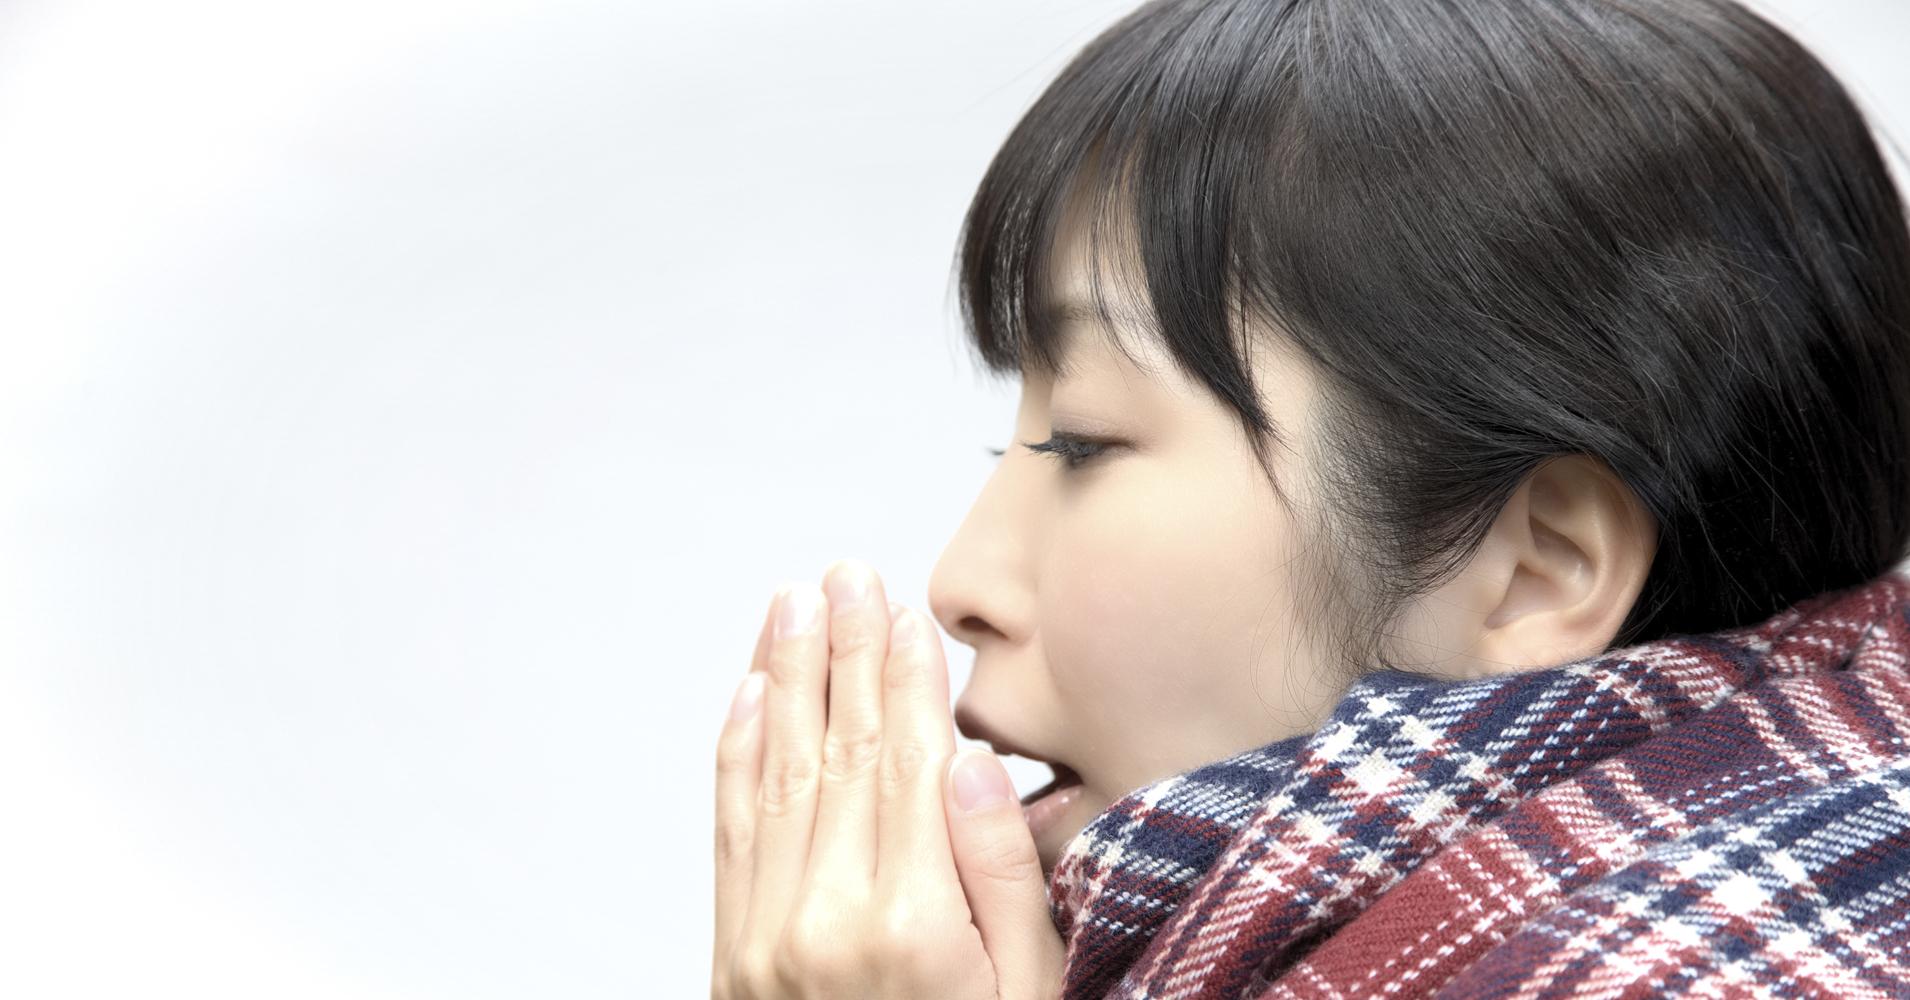 腹式呼吸の手順②: 肩を動かさず息を吸う